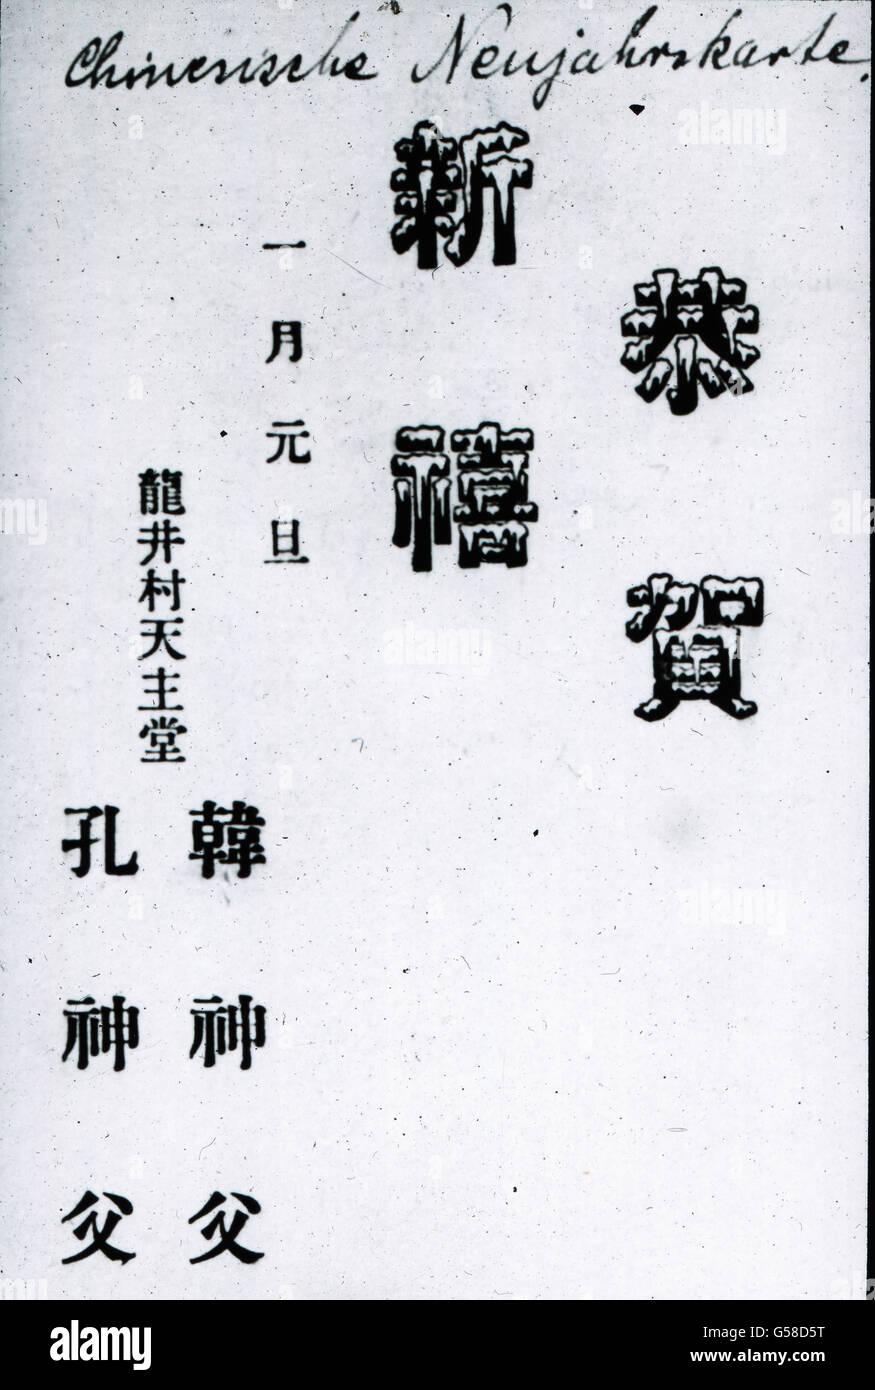 Chinesische Schriftzeichen Formen Auf Einer Karte Einen Neujahrsgruß ...